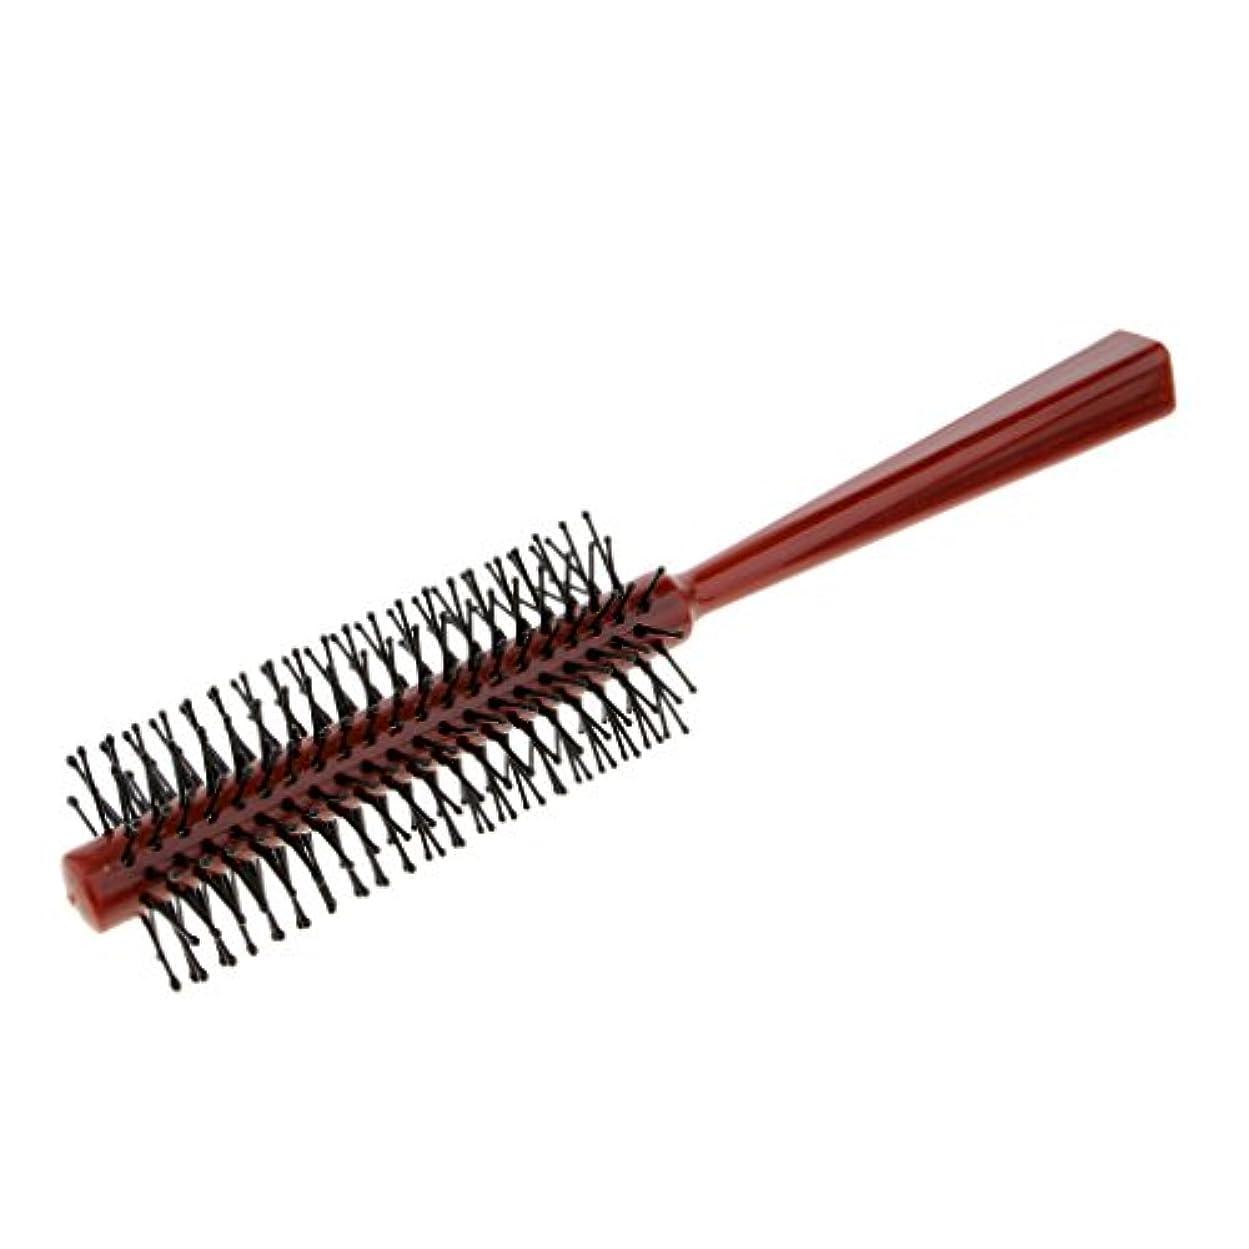 Fenteer ラウンドブラシ ロールブラシ ヘアコーム 頭皮マッサージャー プラスチック 全2色 - 赤